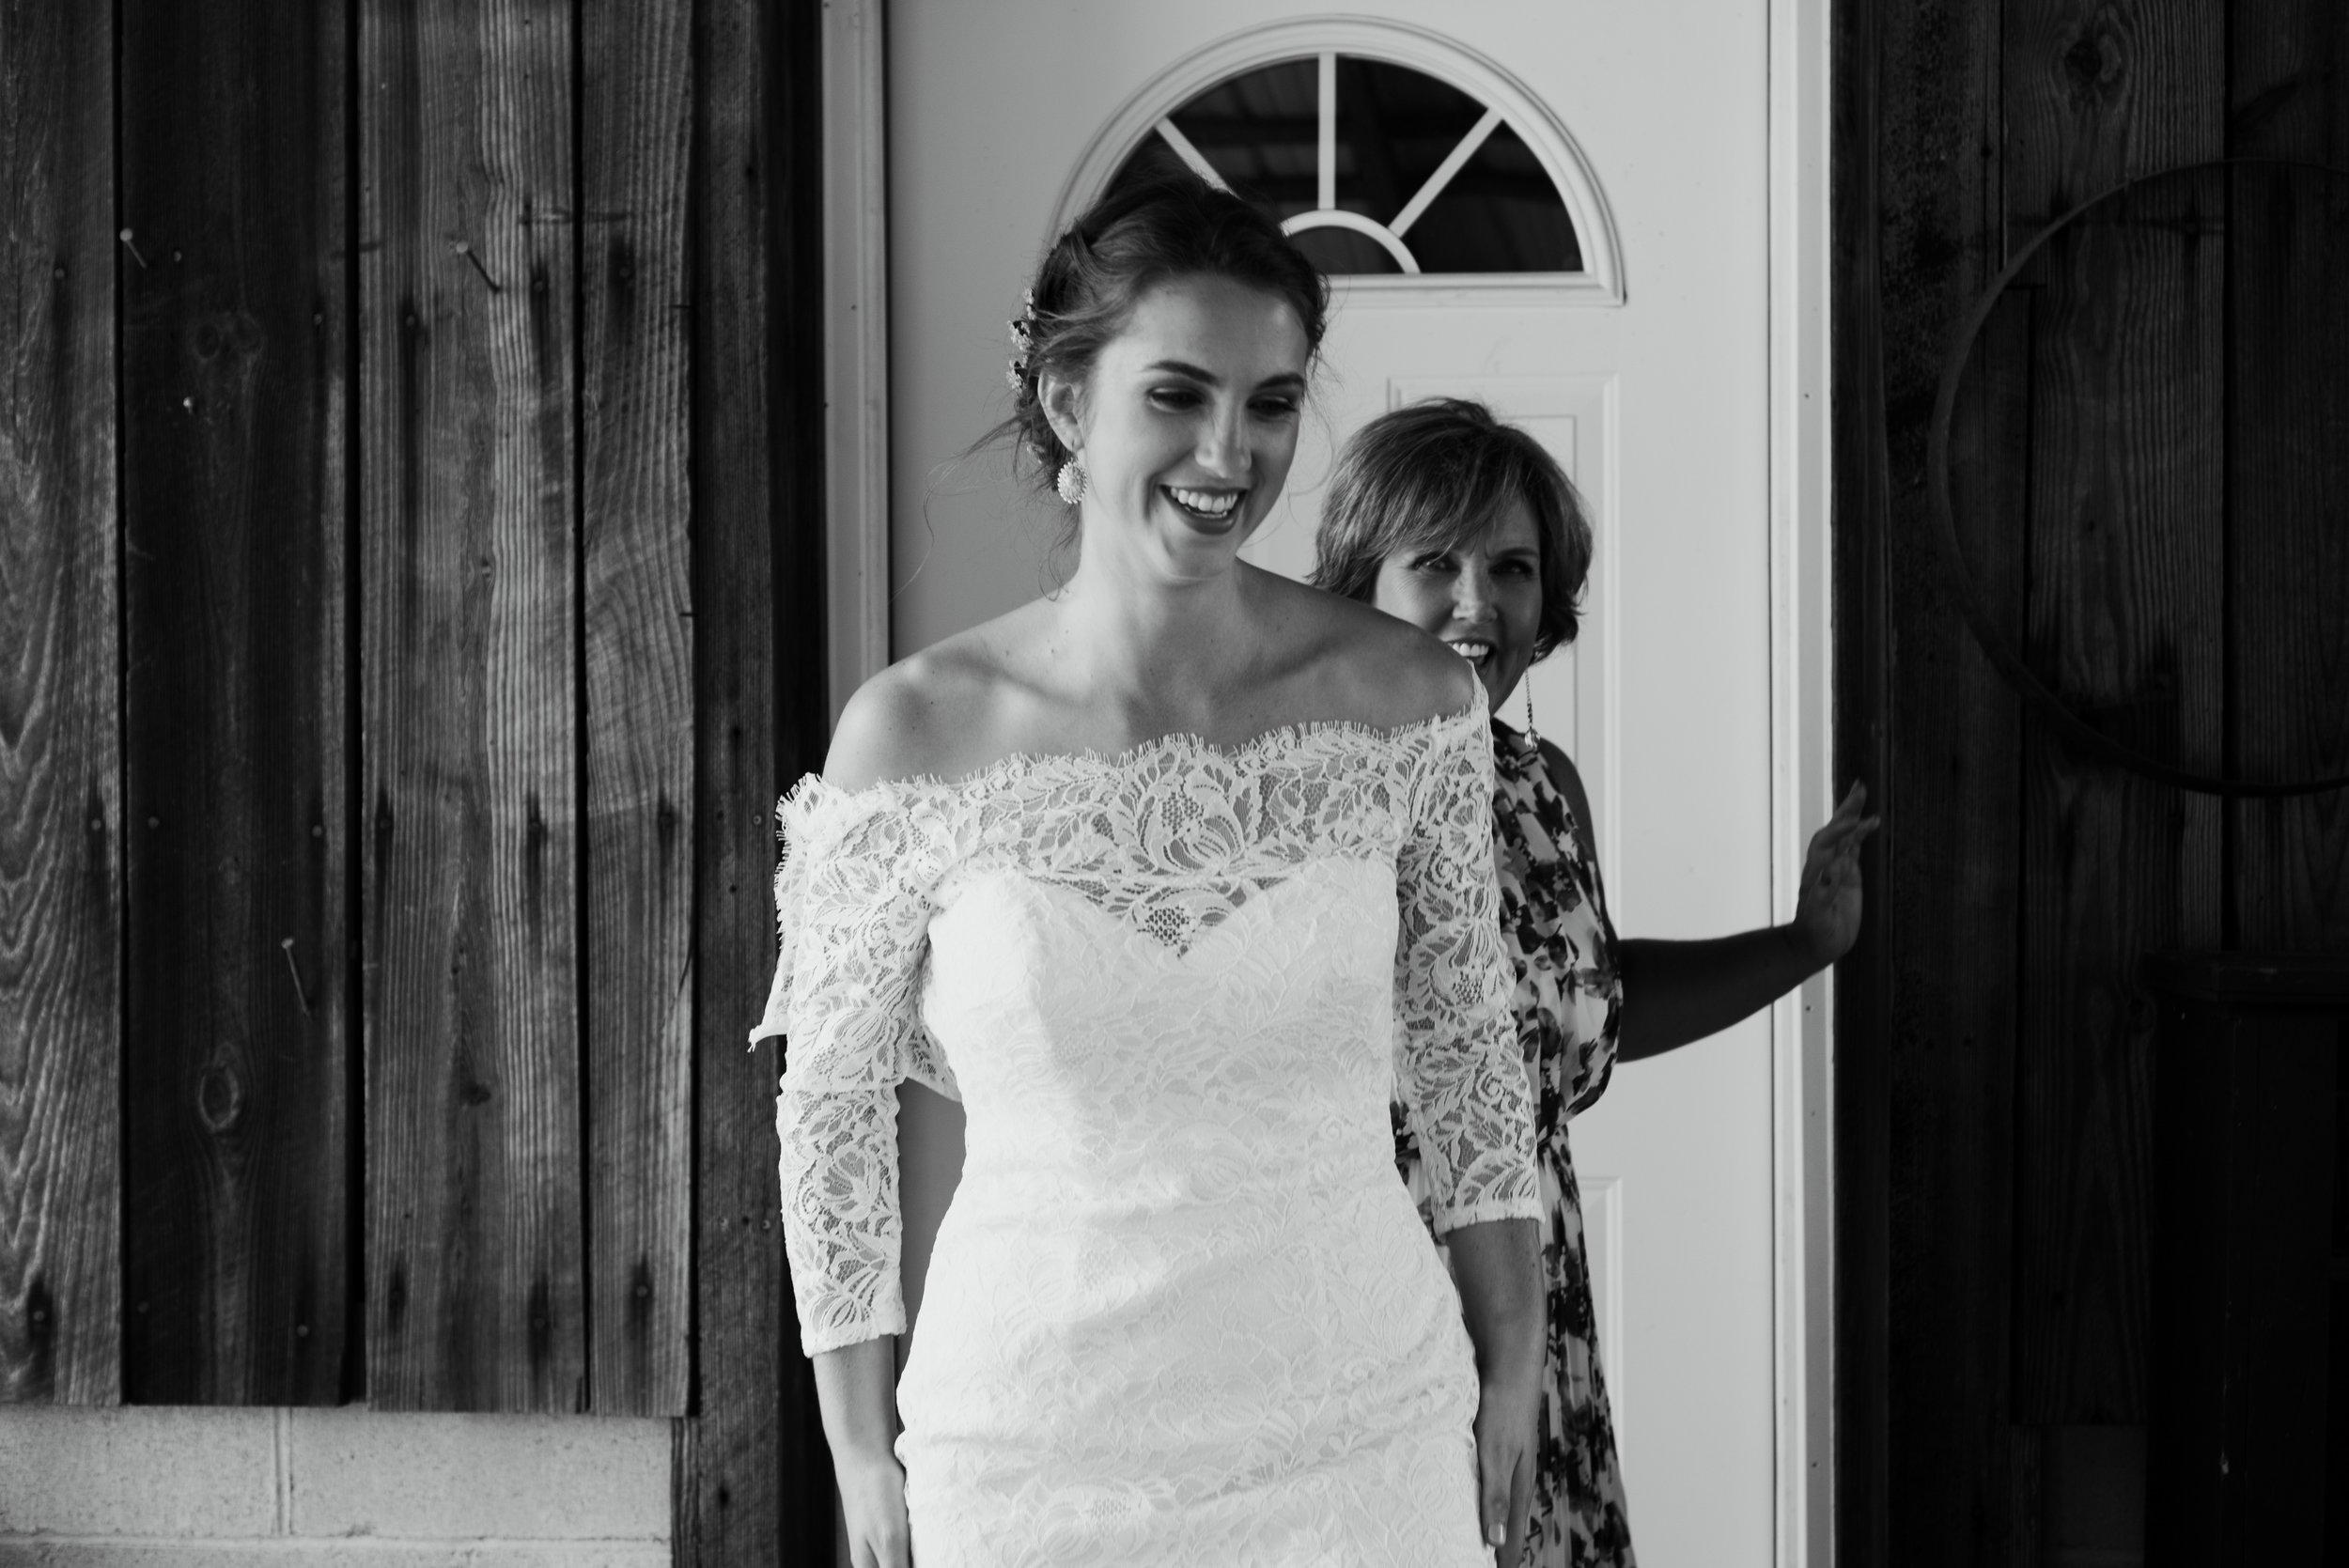 raleigh-elopement-photographer-raleigh-durham-wedding-maddie-and-devin- (10 of 162).jpg